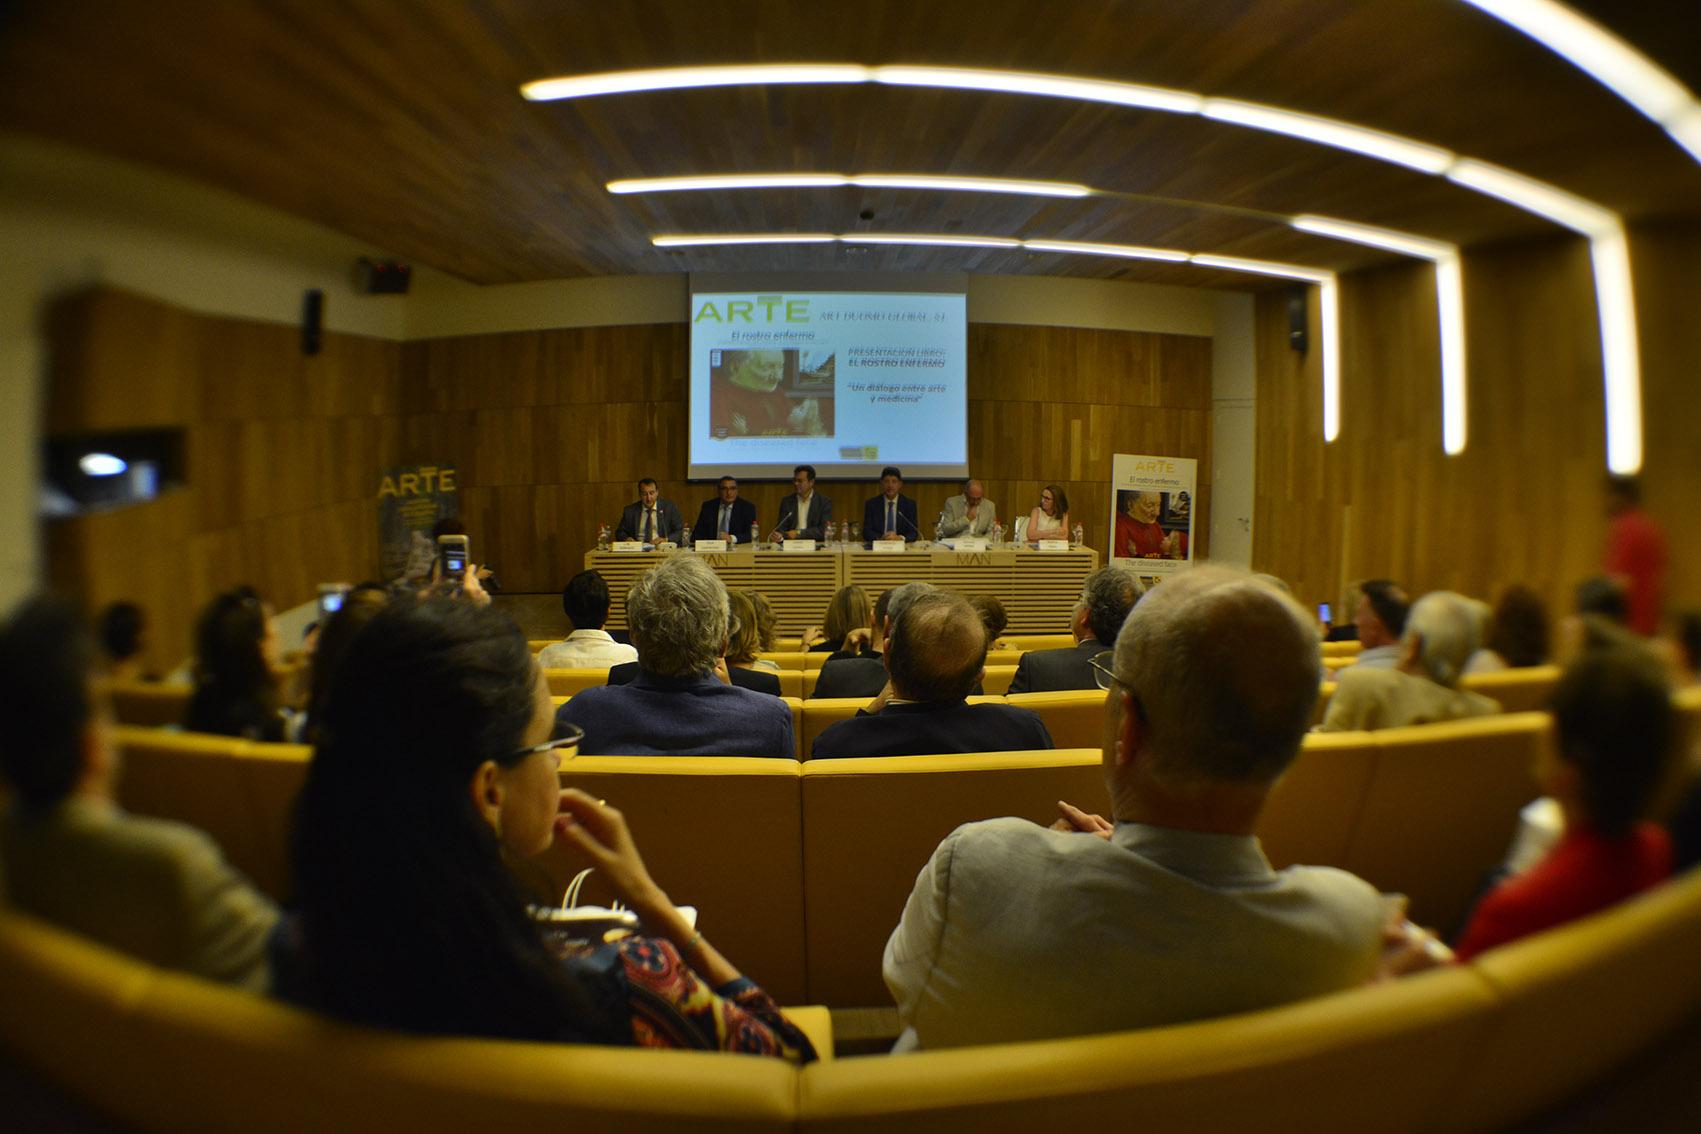 Momento de la presentación del libro El rostro enfermo en el Museo Arqueológico Nacional.